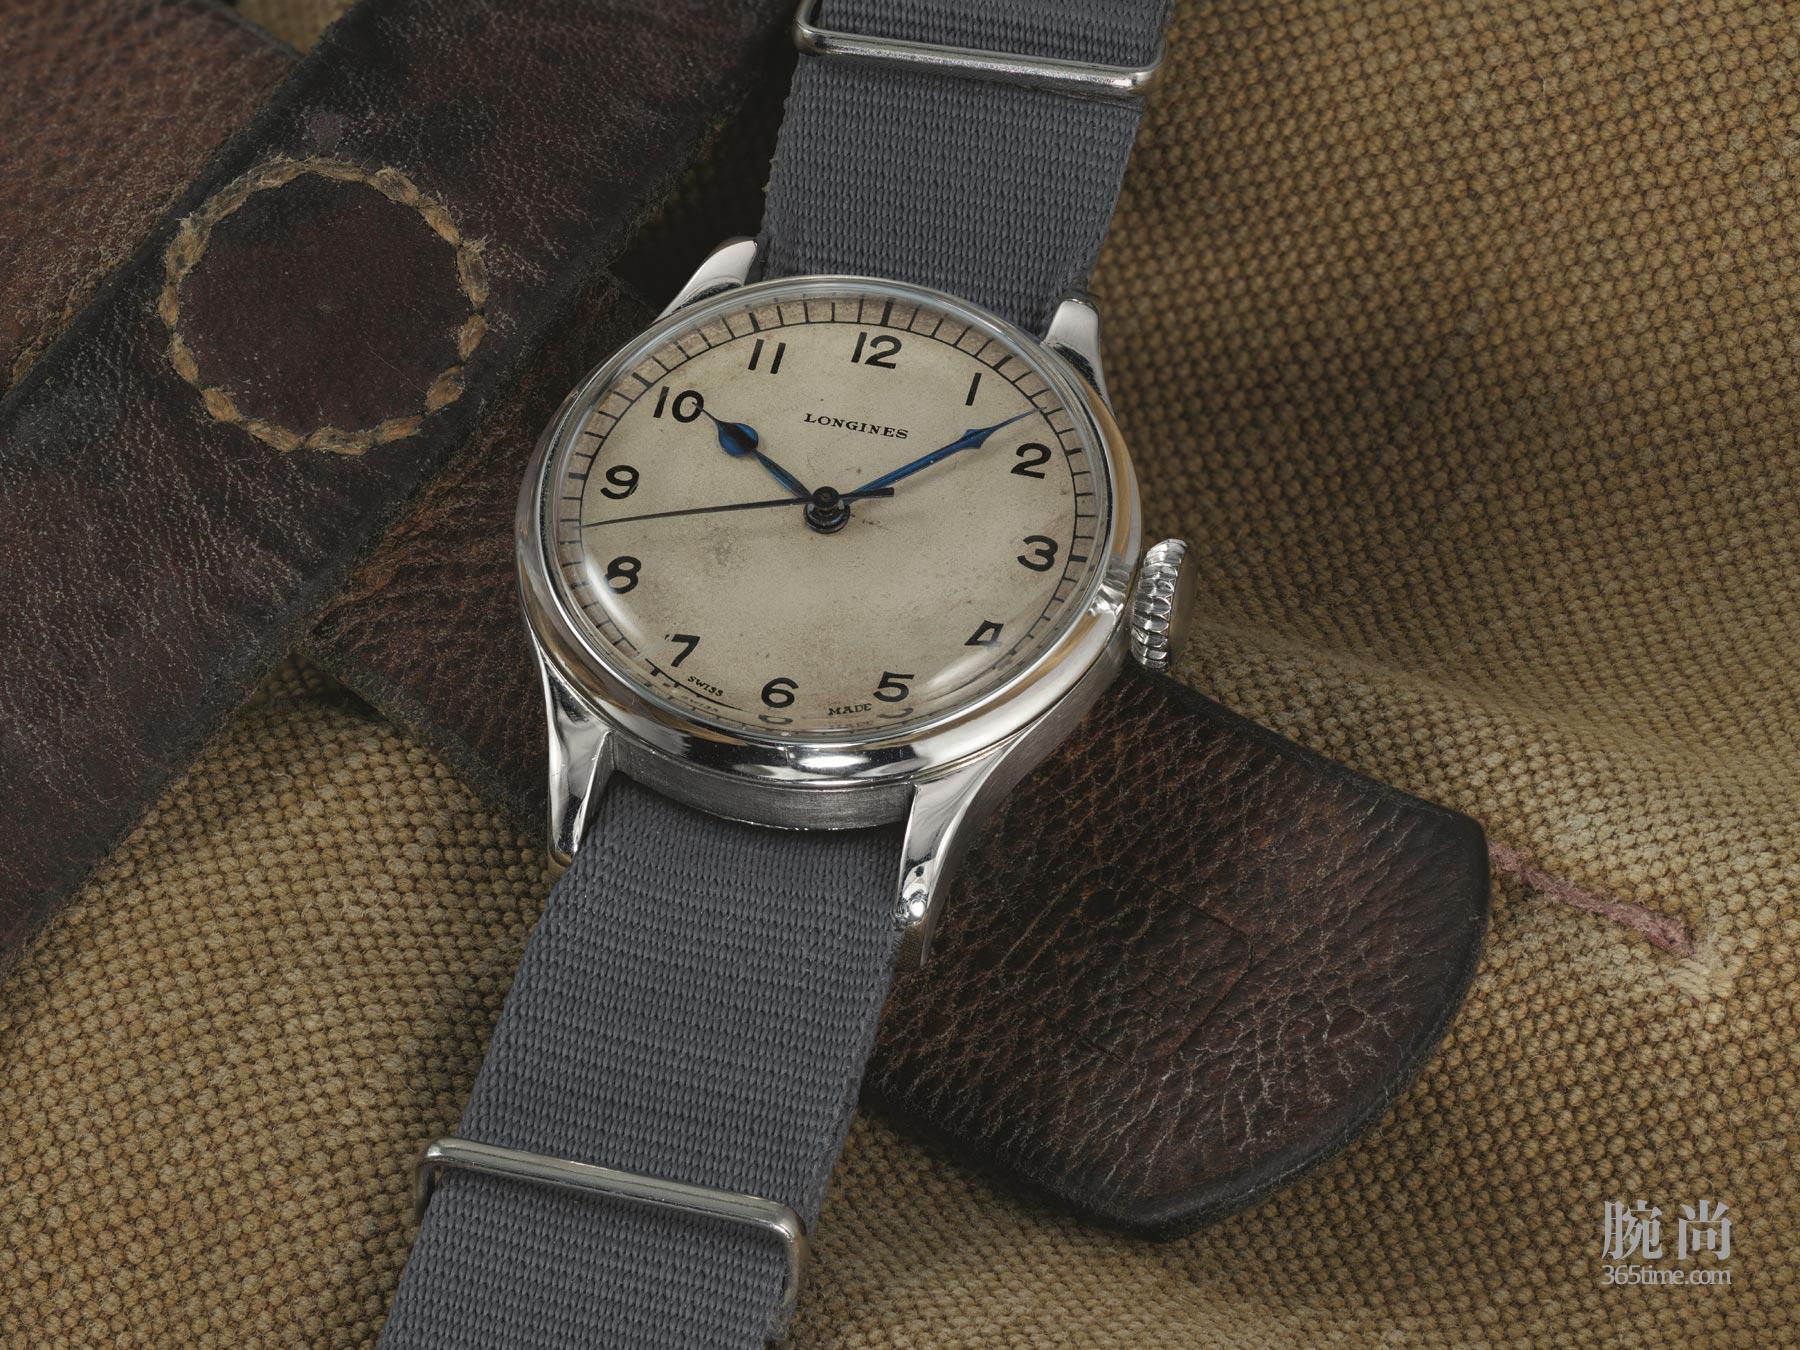 浪琴表经典复刻系列皇家空军腕表-历史原型-2.jpg